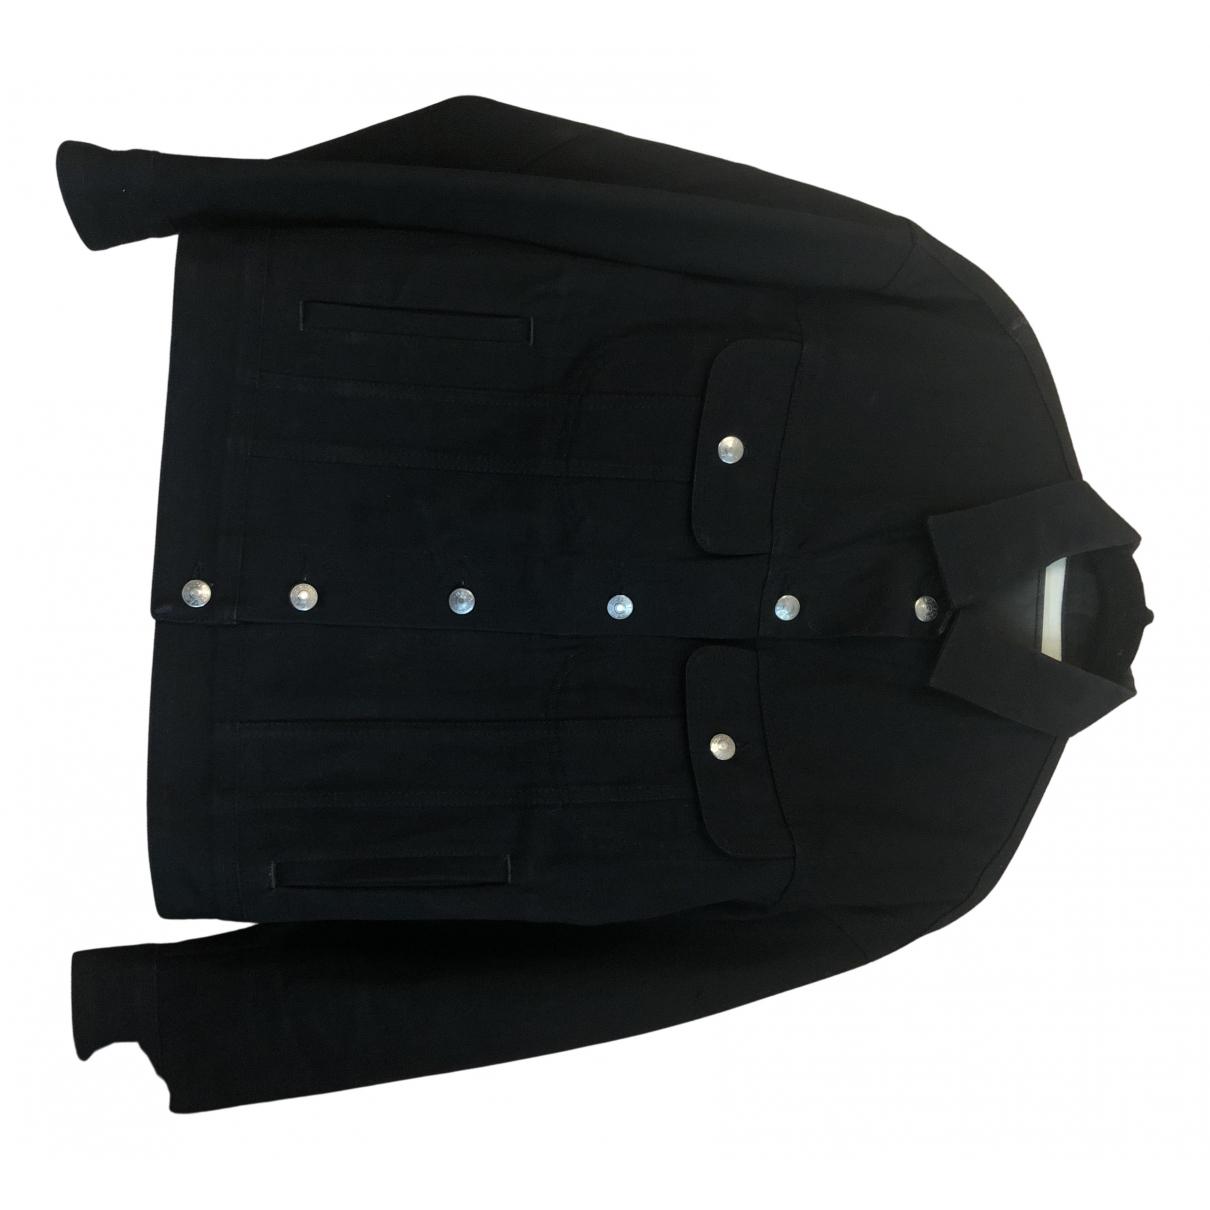 Acne Studios Blå Konst Black Denim - Jeans jacket for Women 34 FR